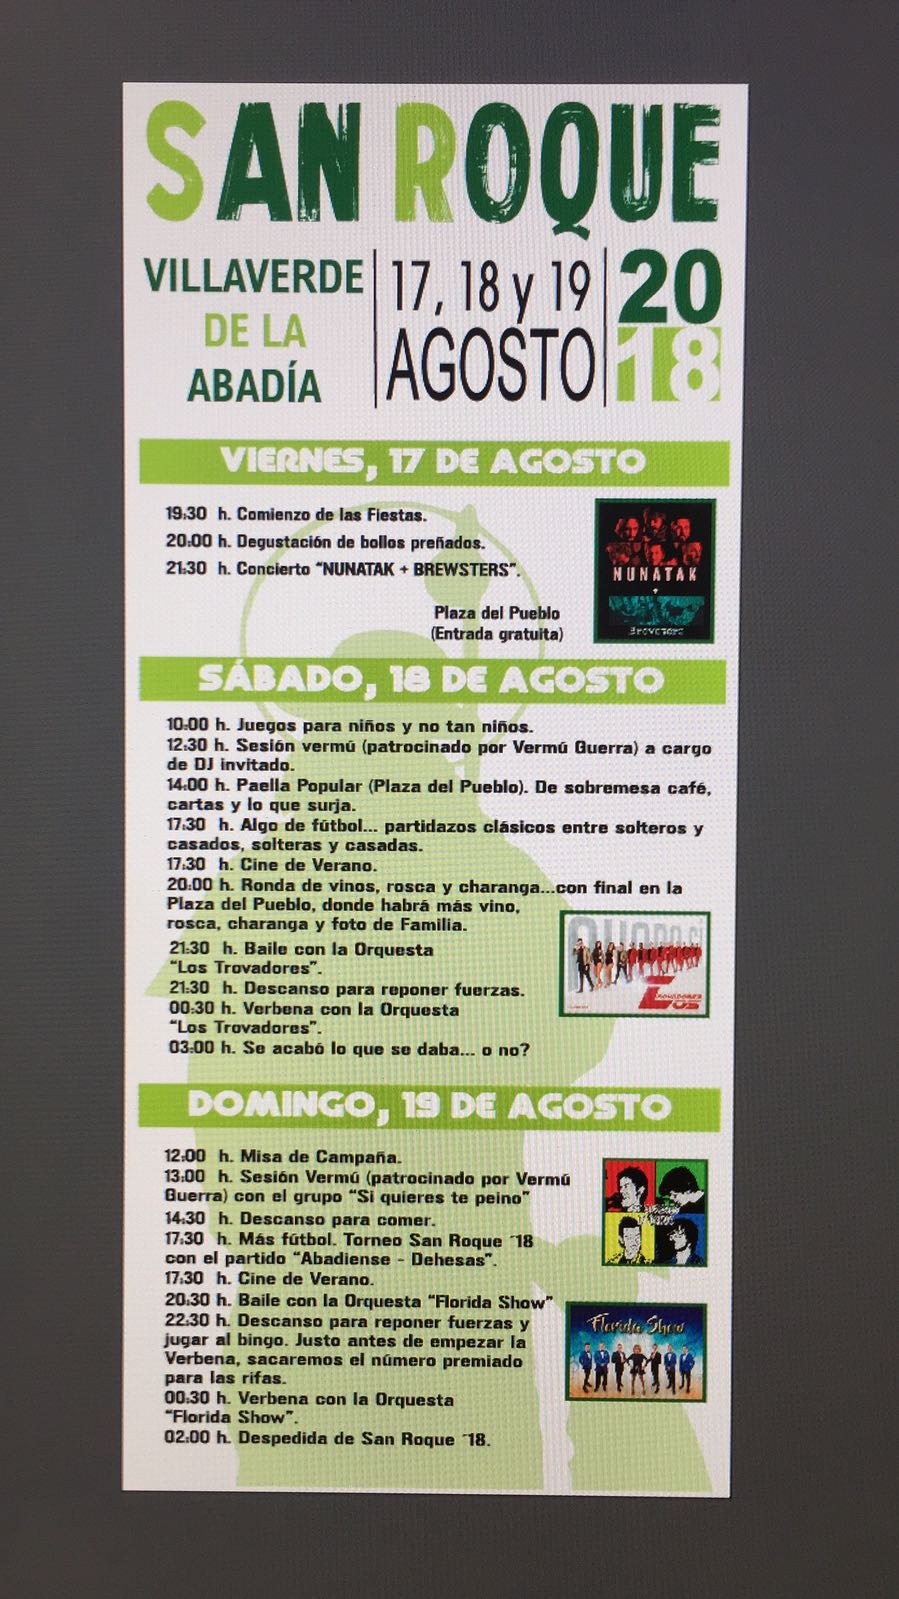 Fiestas de San Roque 2018en Villaverde de la Abadía 2